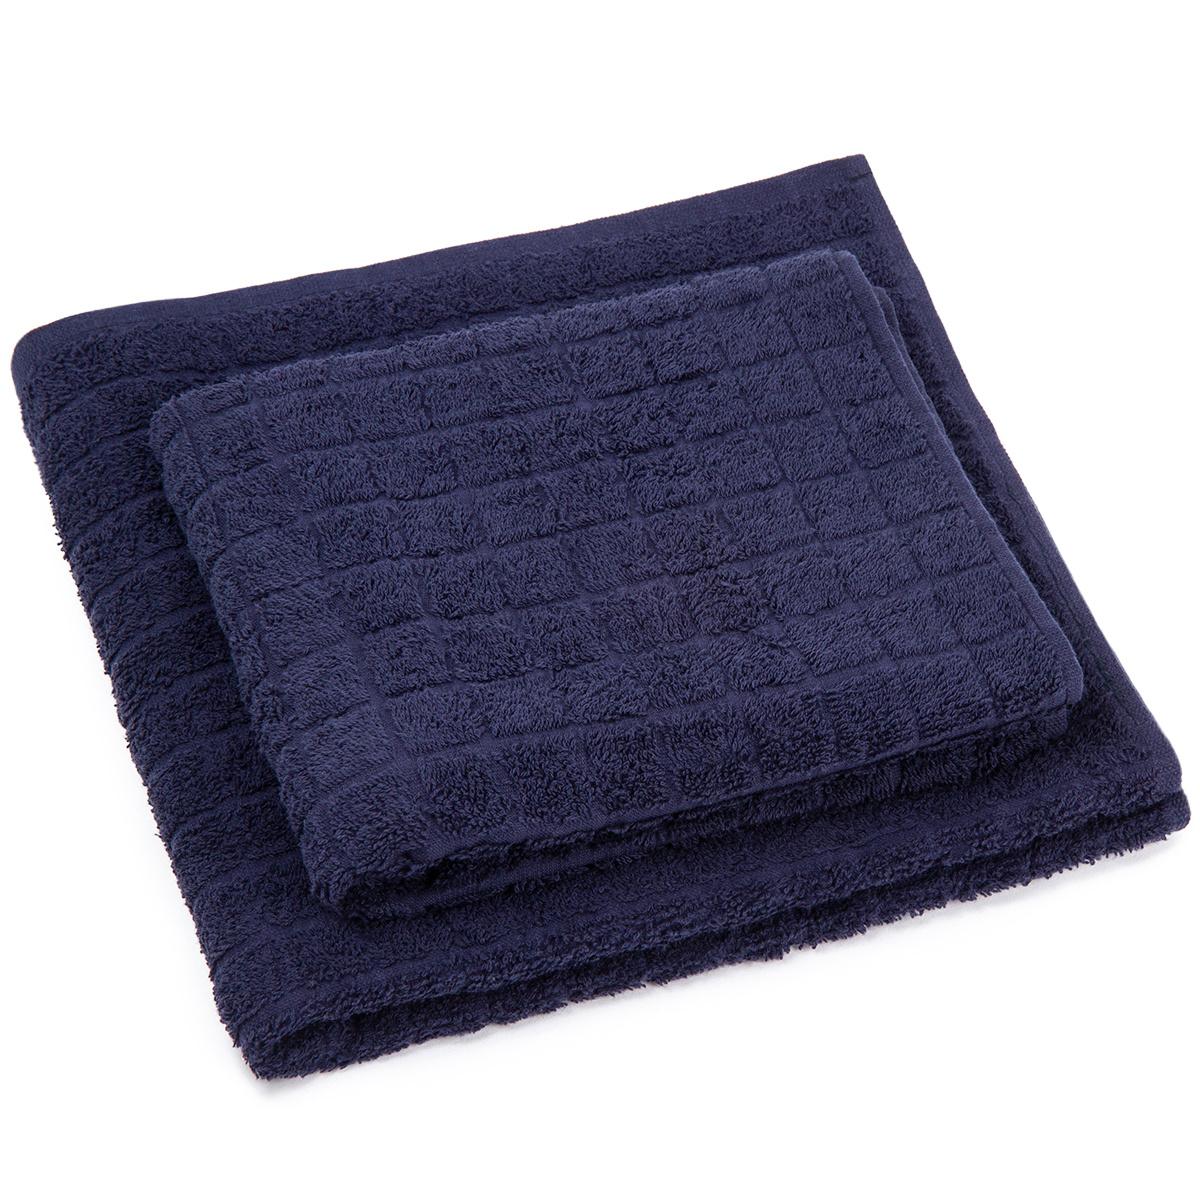 Profod Sada ručníku a osušky Jerry tmavě modrá, 50 x 100 cm, 70 x 140 cm